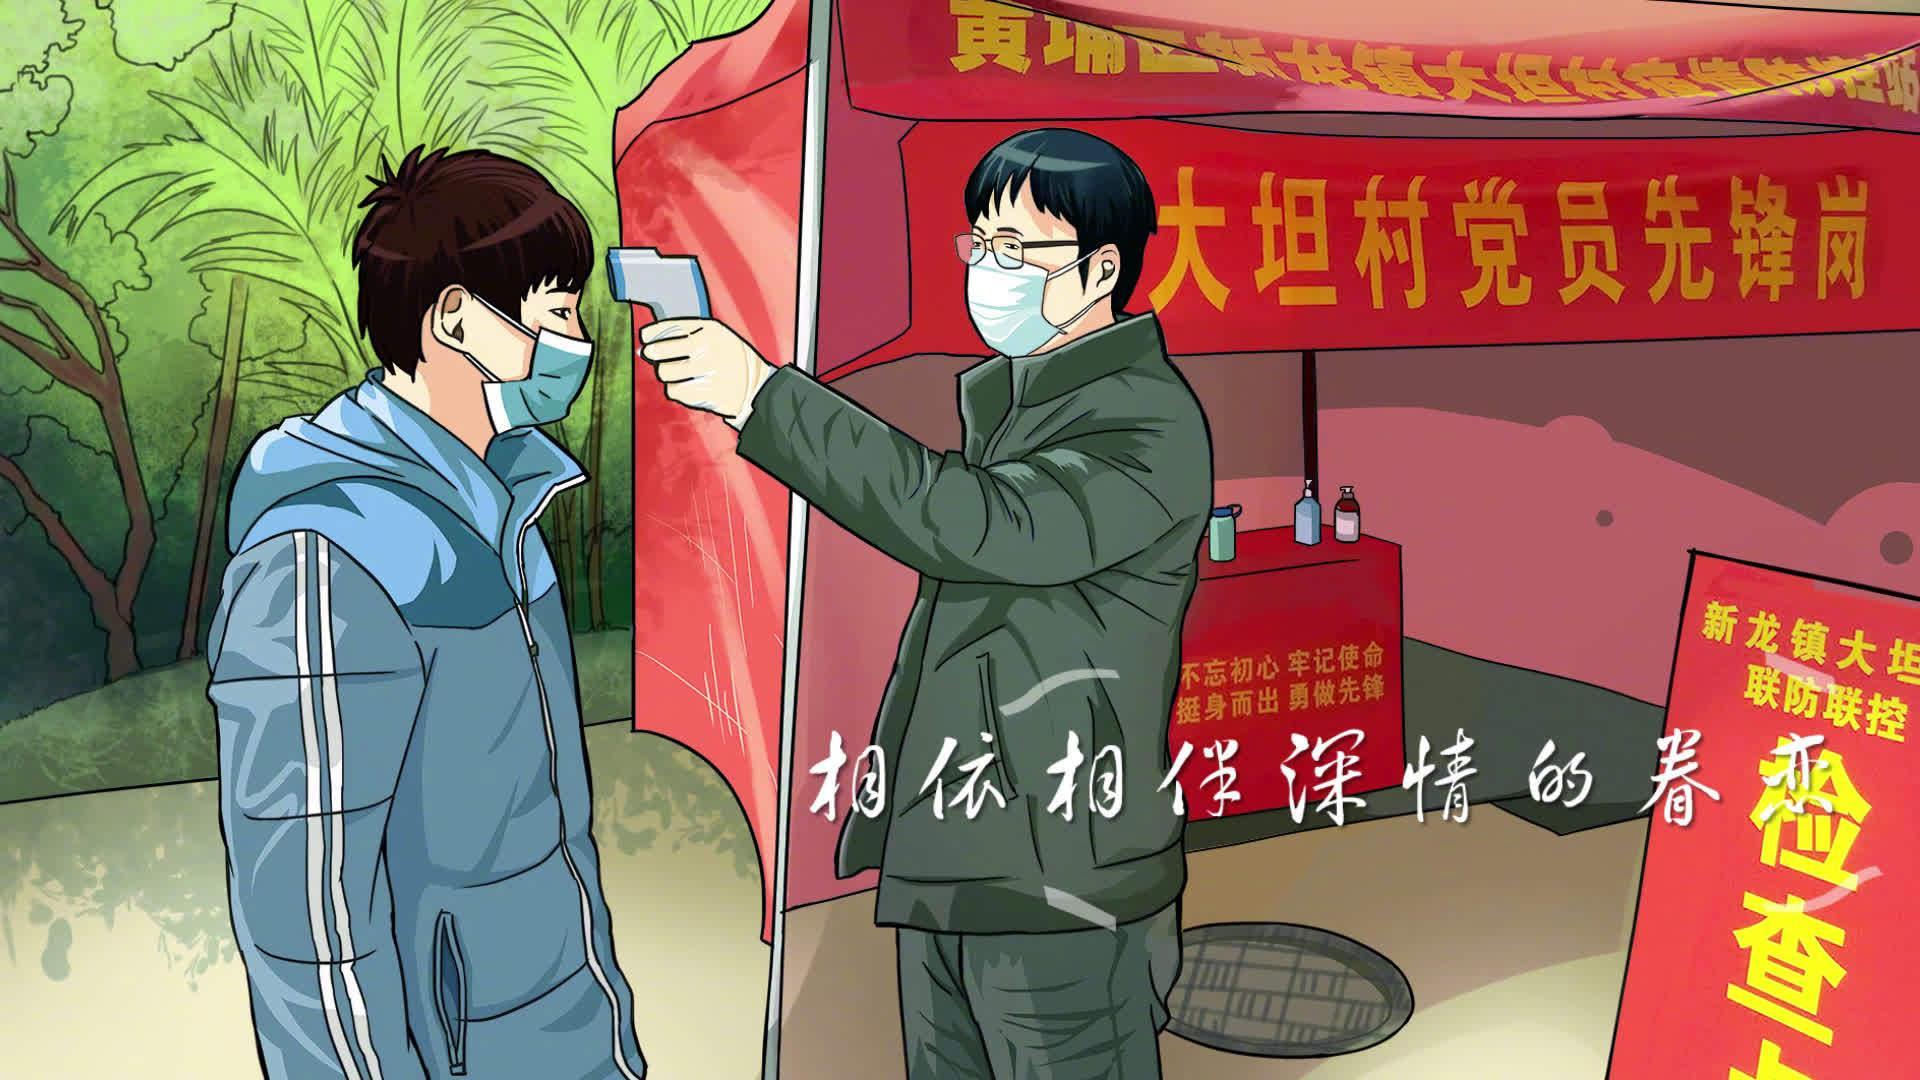 暖心之作!抗疫公益MV《守护》,广州检察官唱给你听。